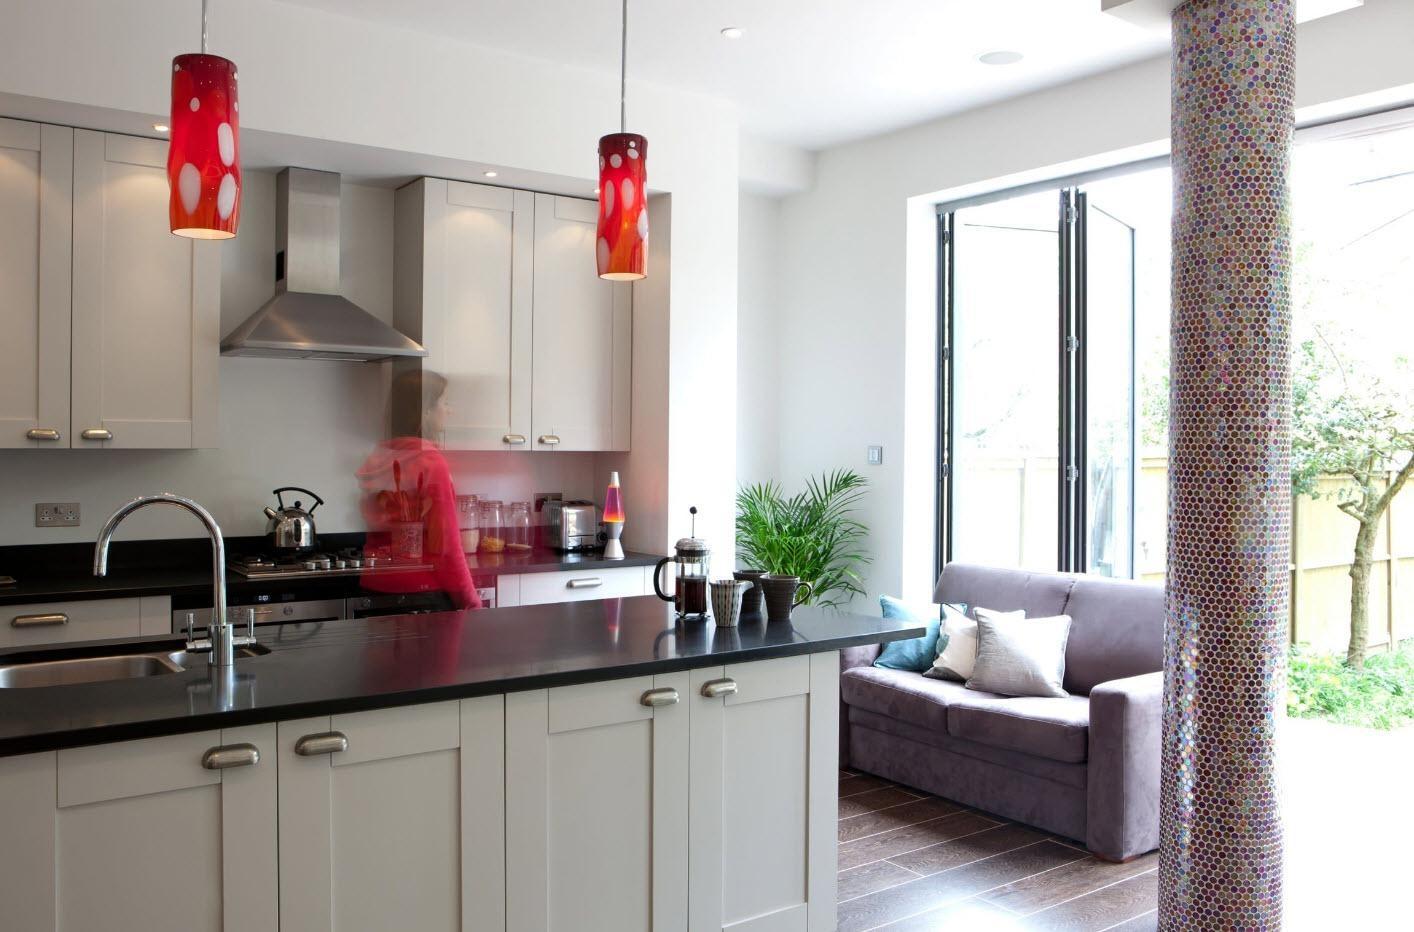 Kitchen Diner Sofa Ideas – Kitchen Design With Regard To Sofas For Kitchen Diner (View 17 of 21)